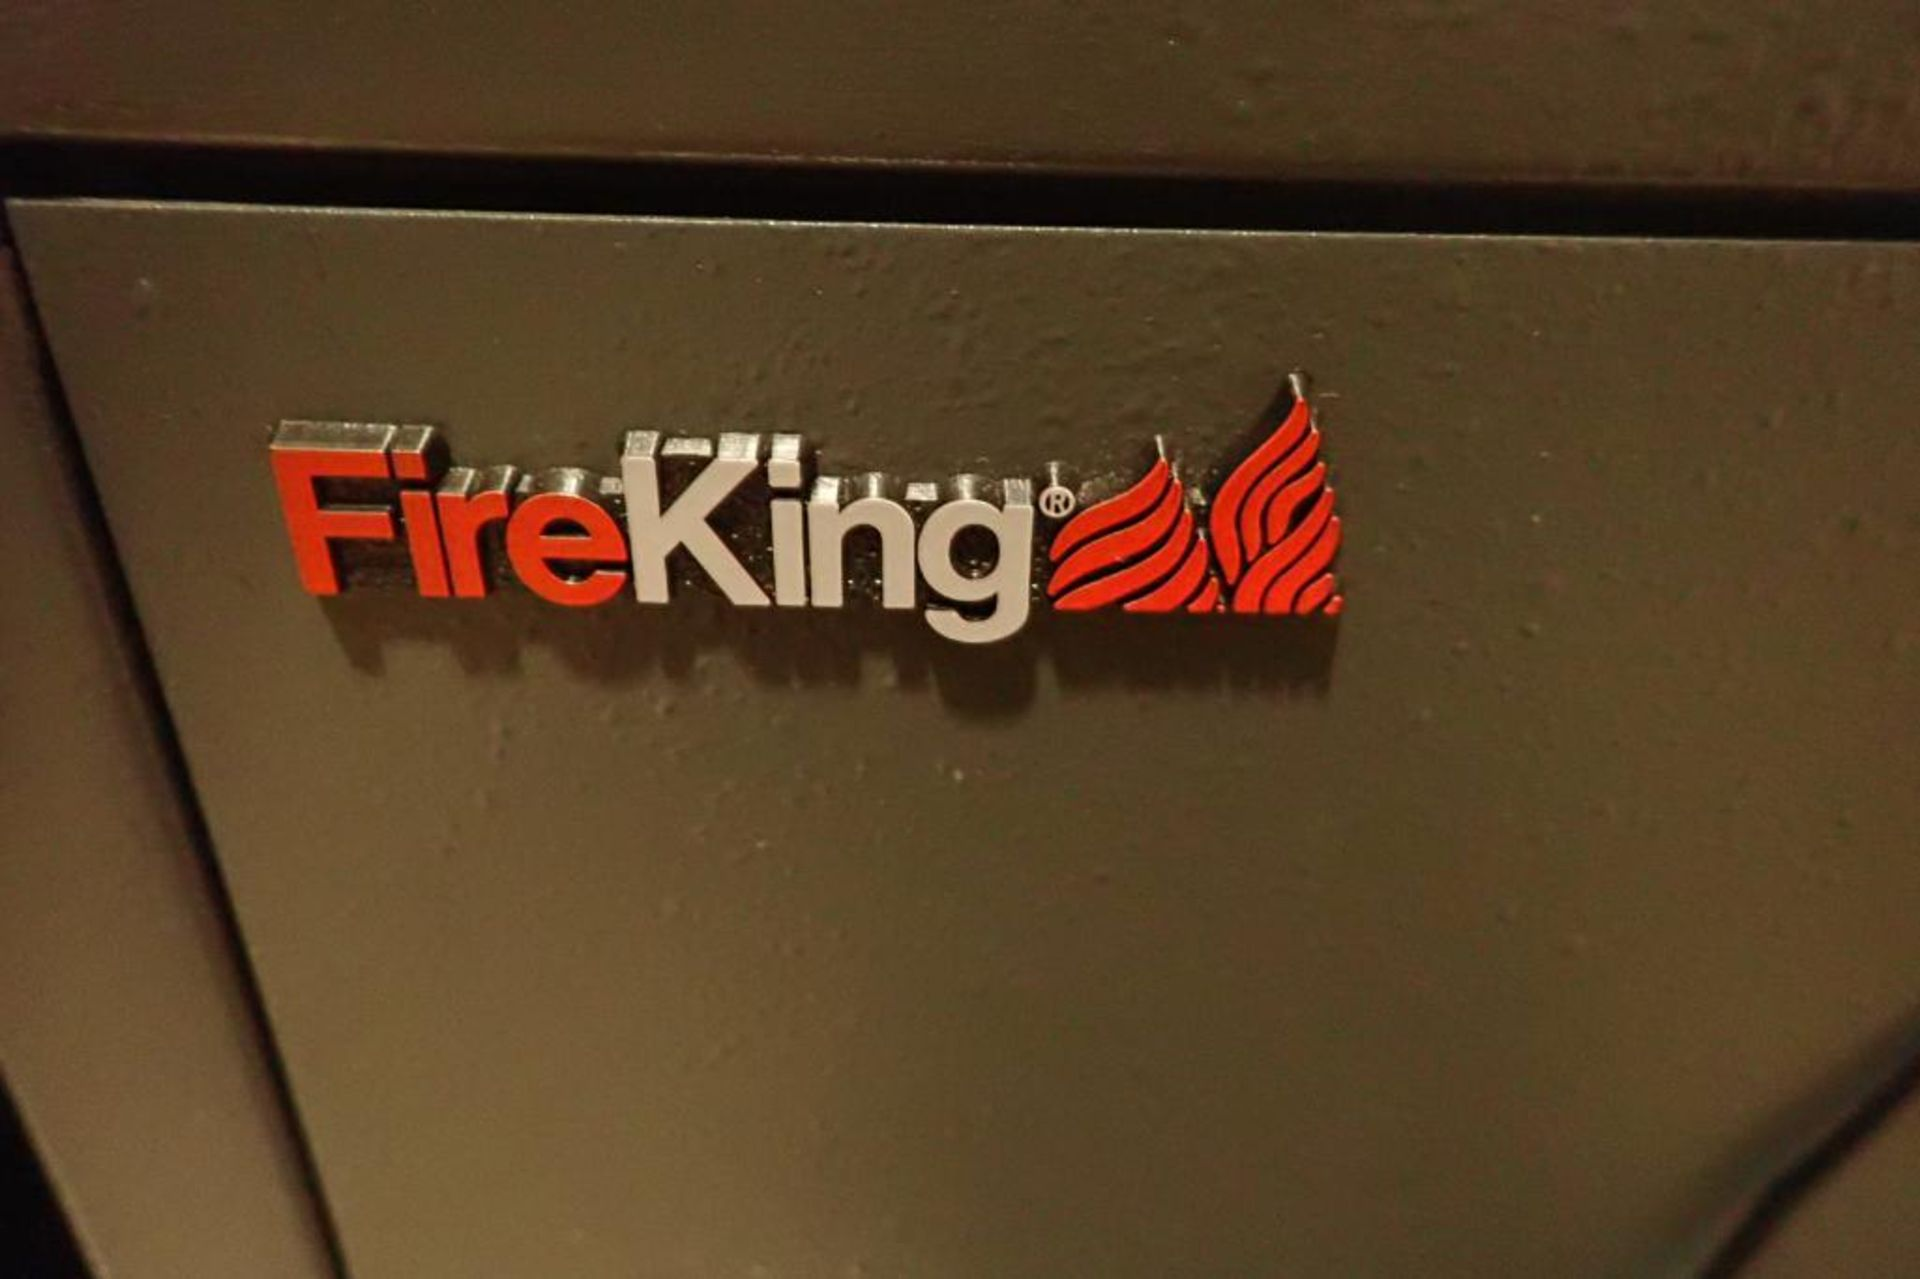 Lot 2140 - Fire king safe and mini fridge